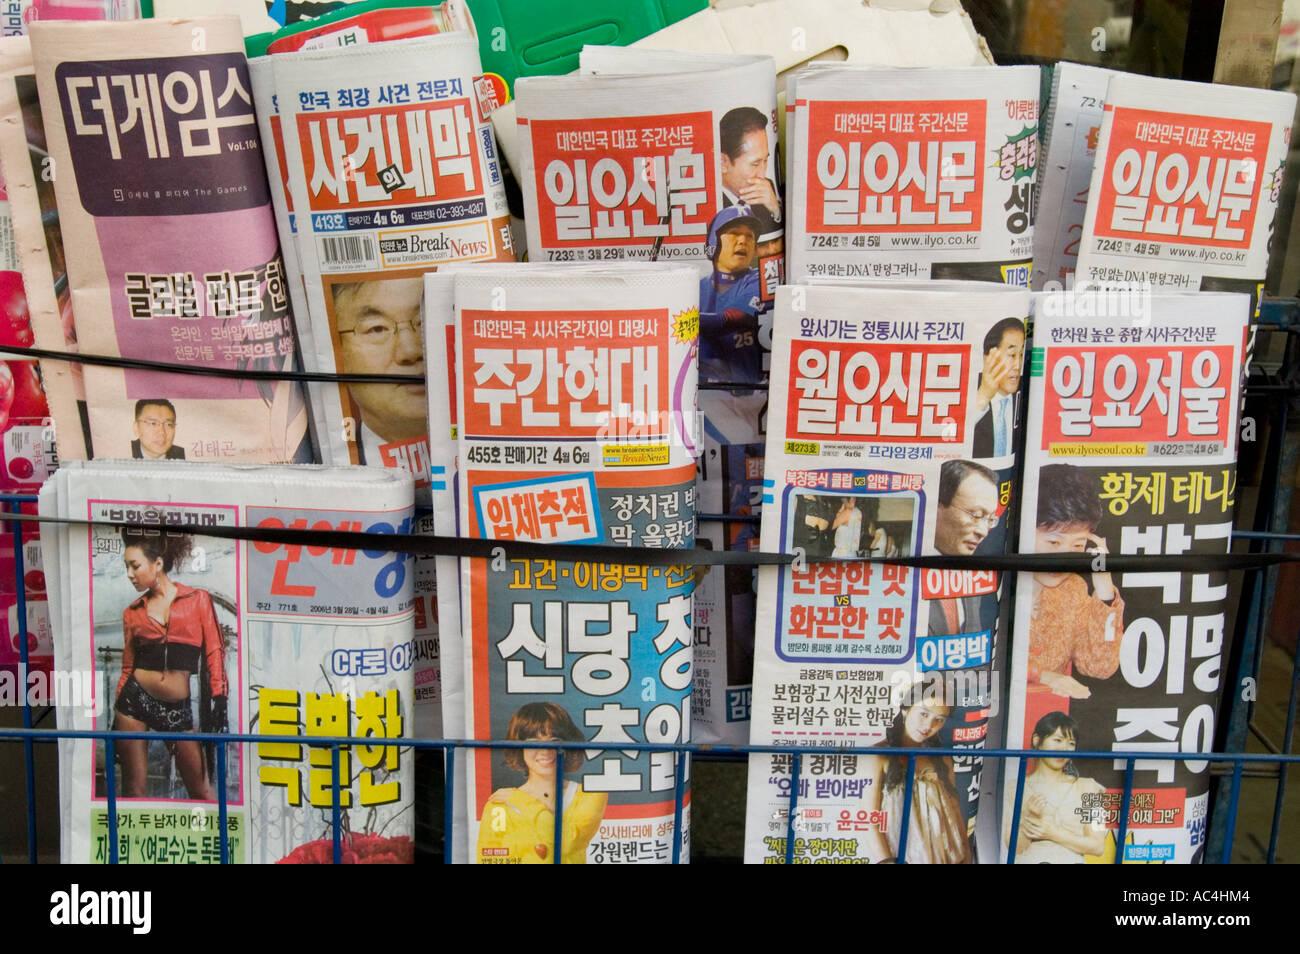 Korean newspaper